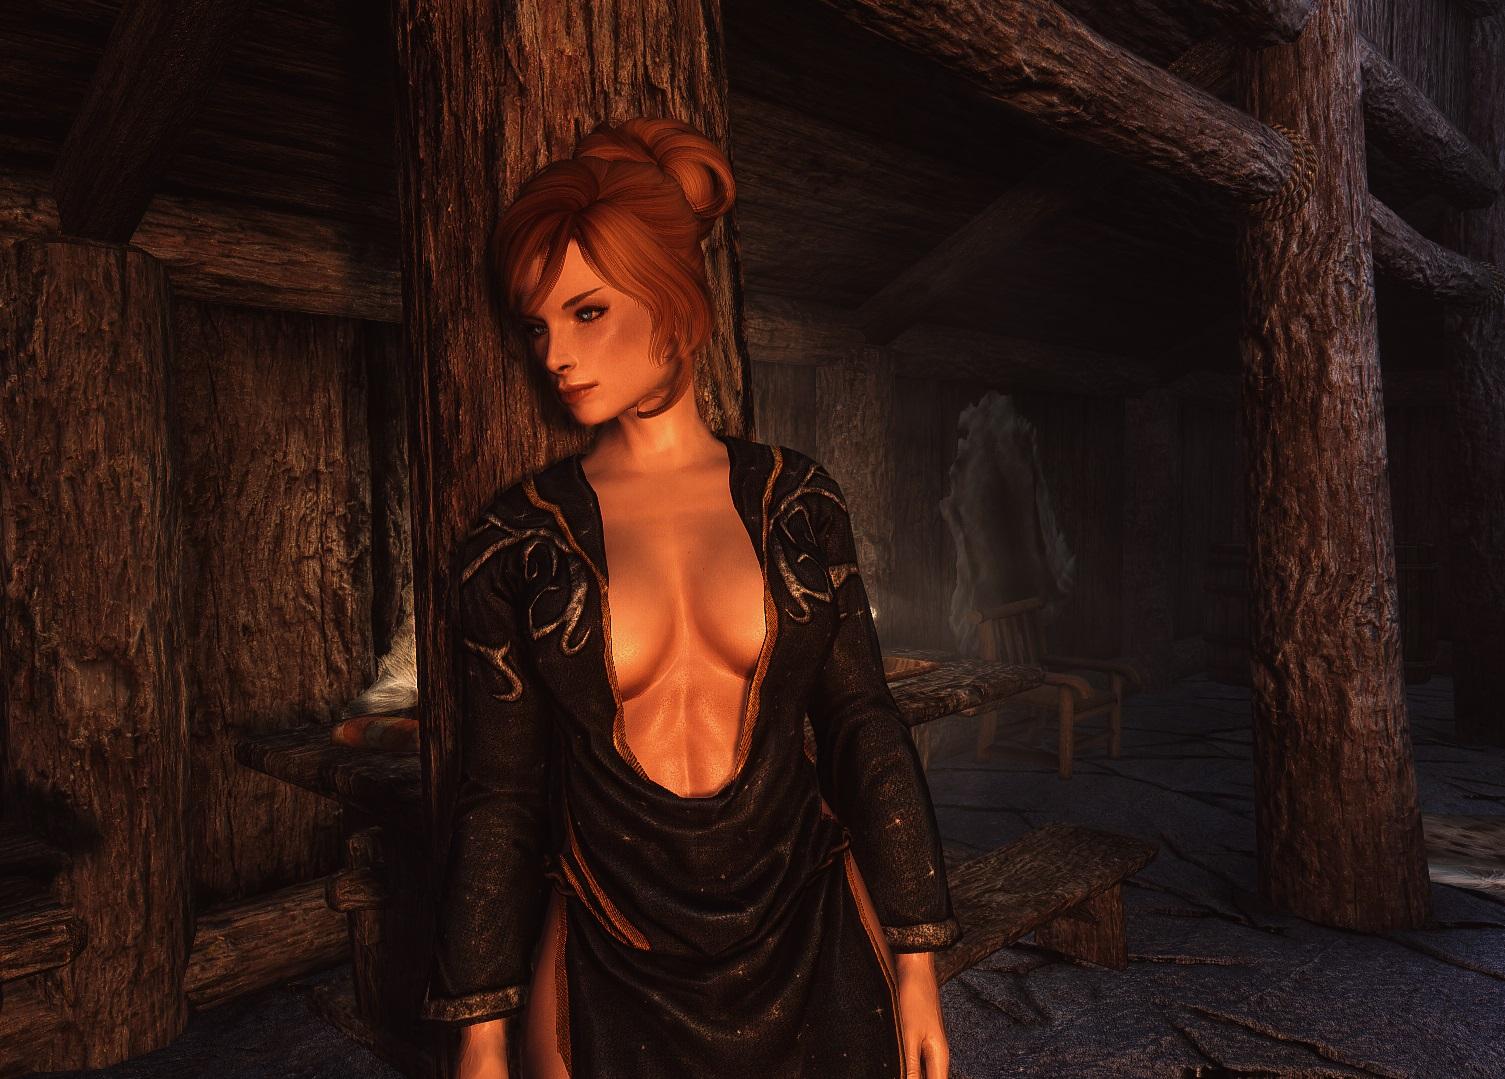 Nok - Elder Scrolls 5: Skyrim, the